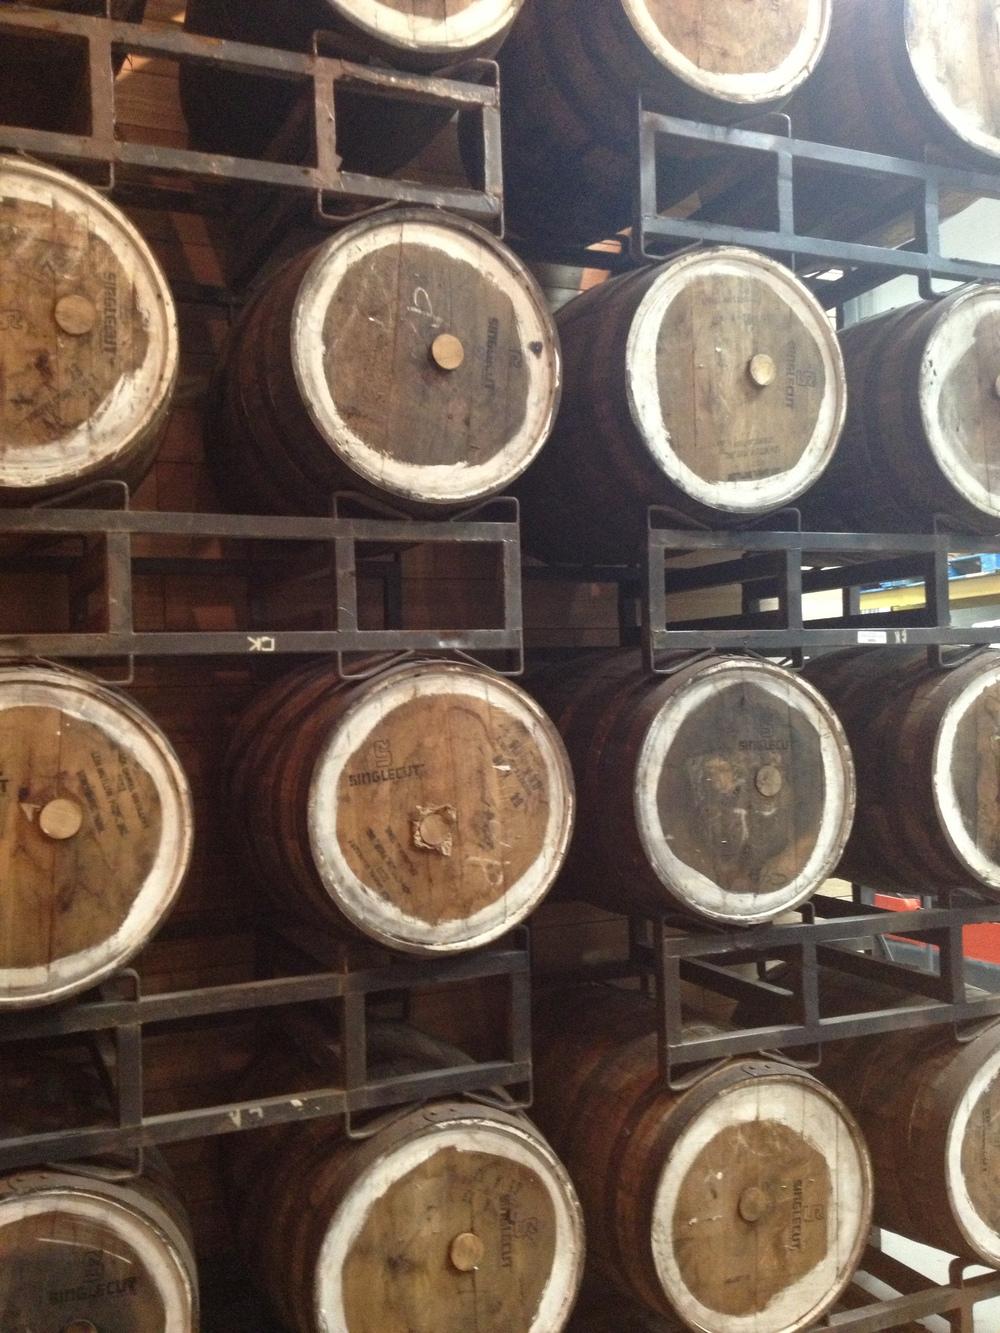 More barrels!